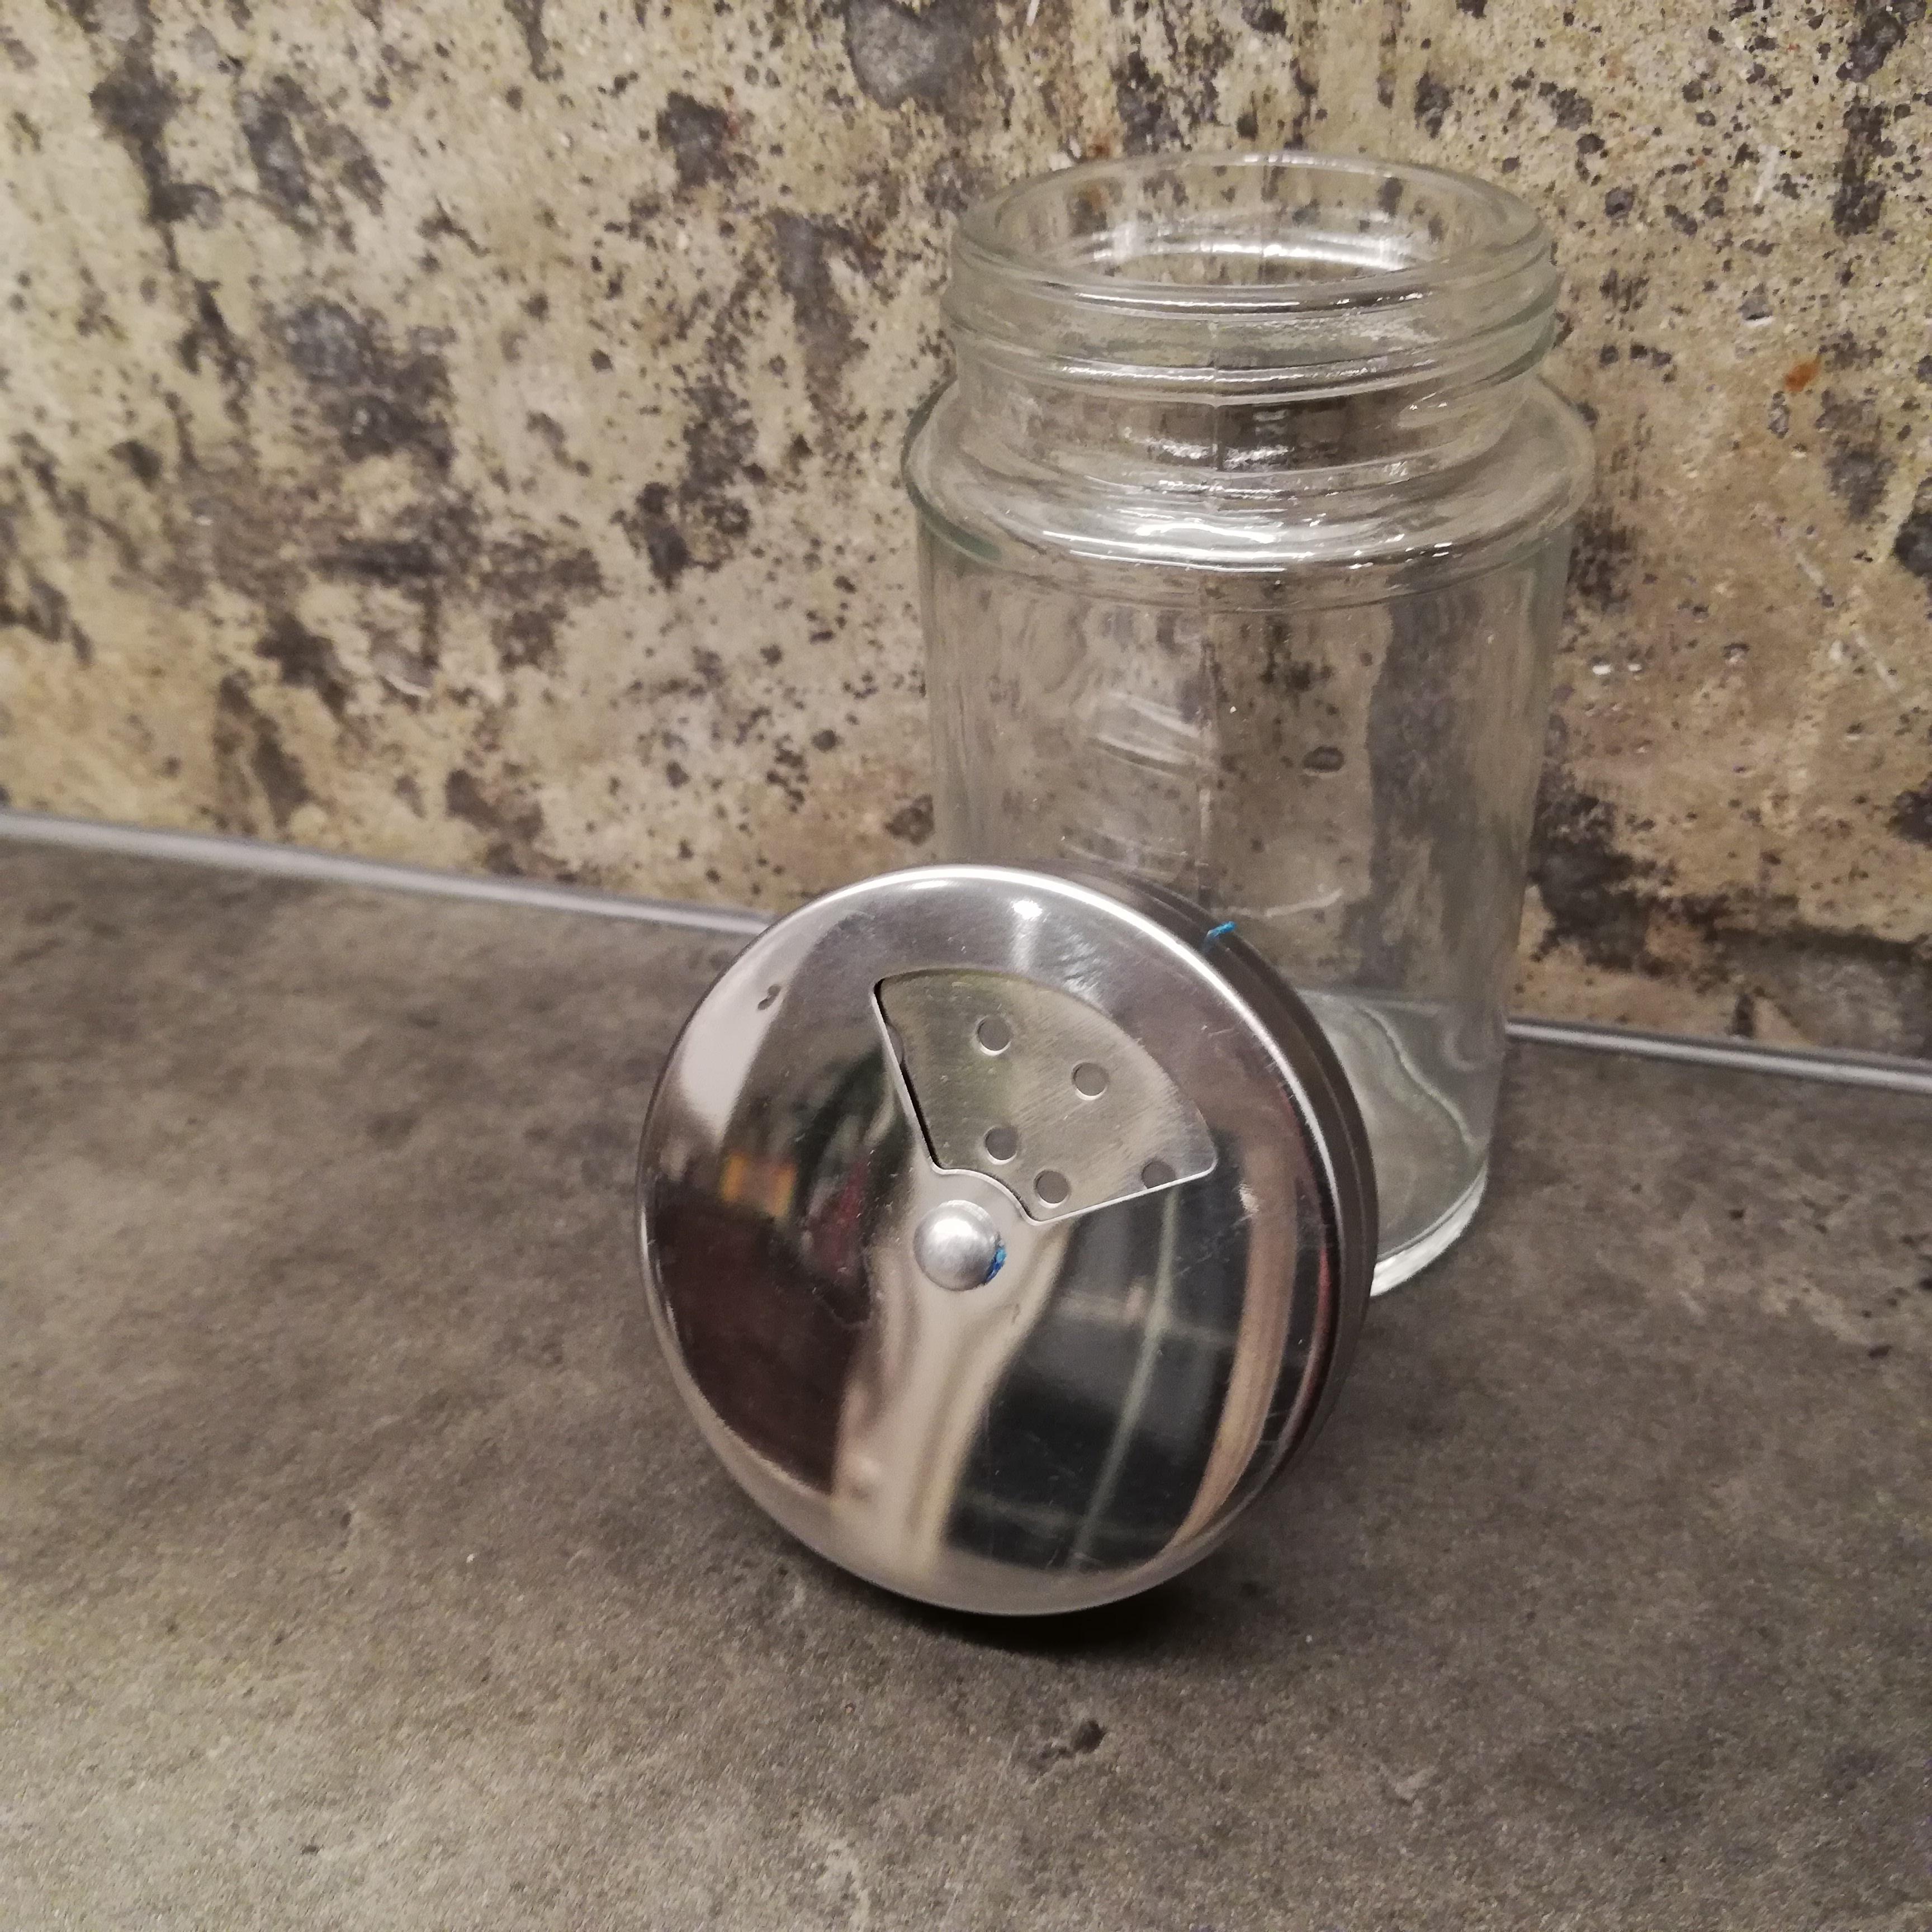 Ströare i glas, 100 ml, två olika storlekar på ströarens hål